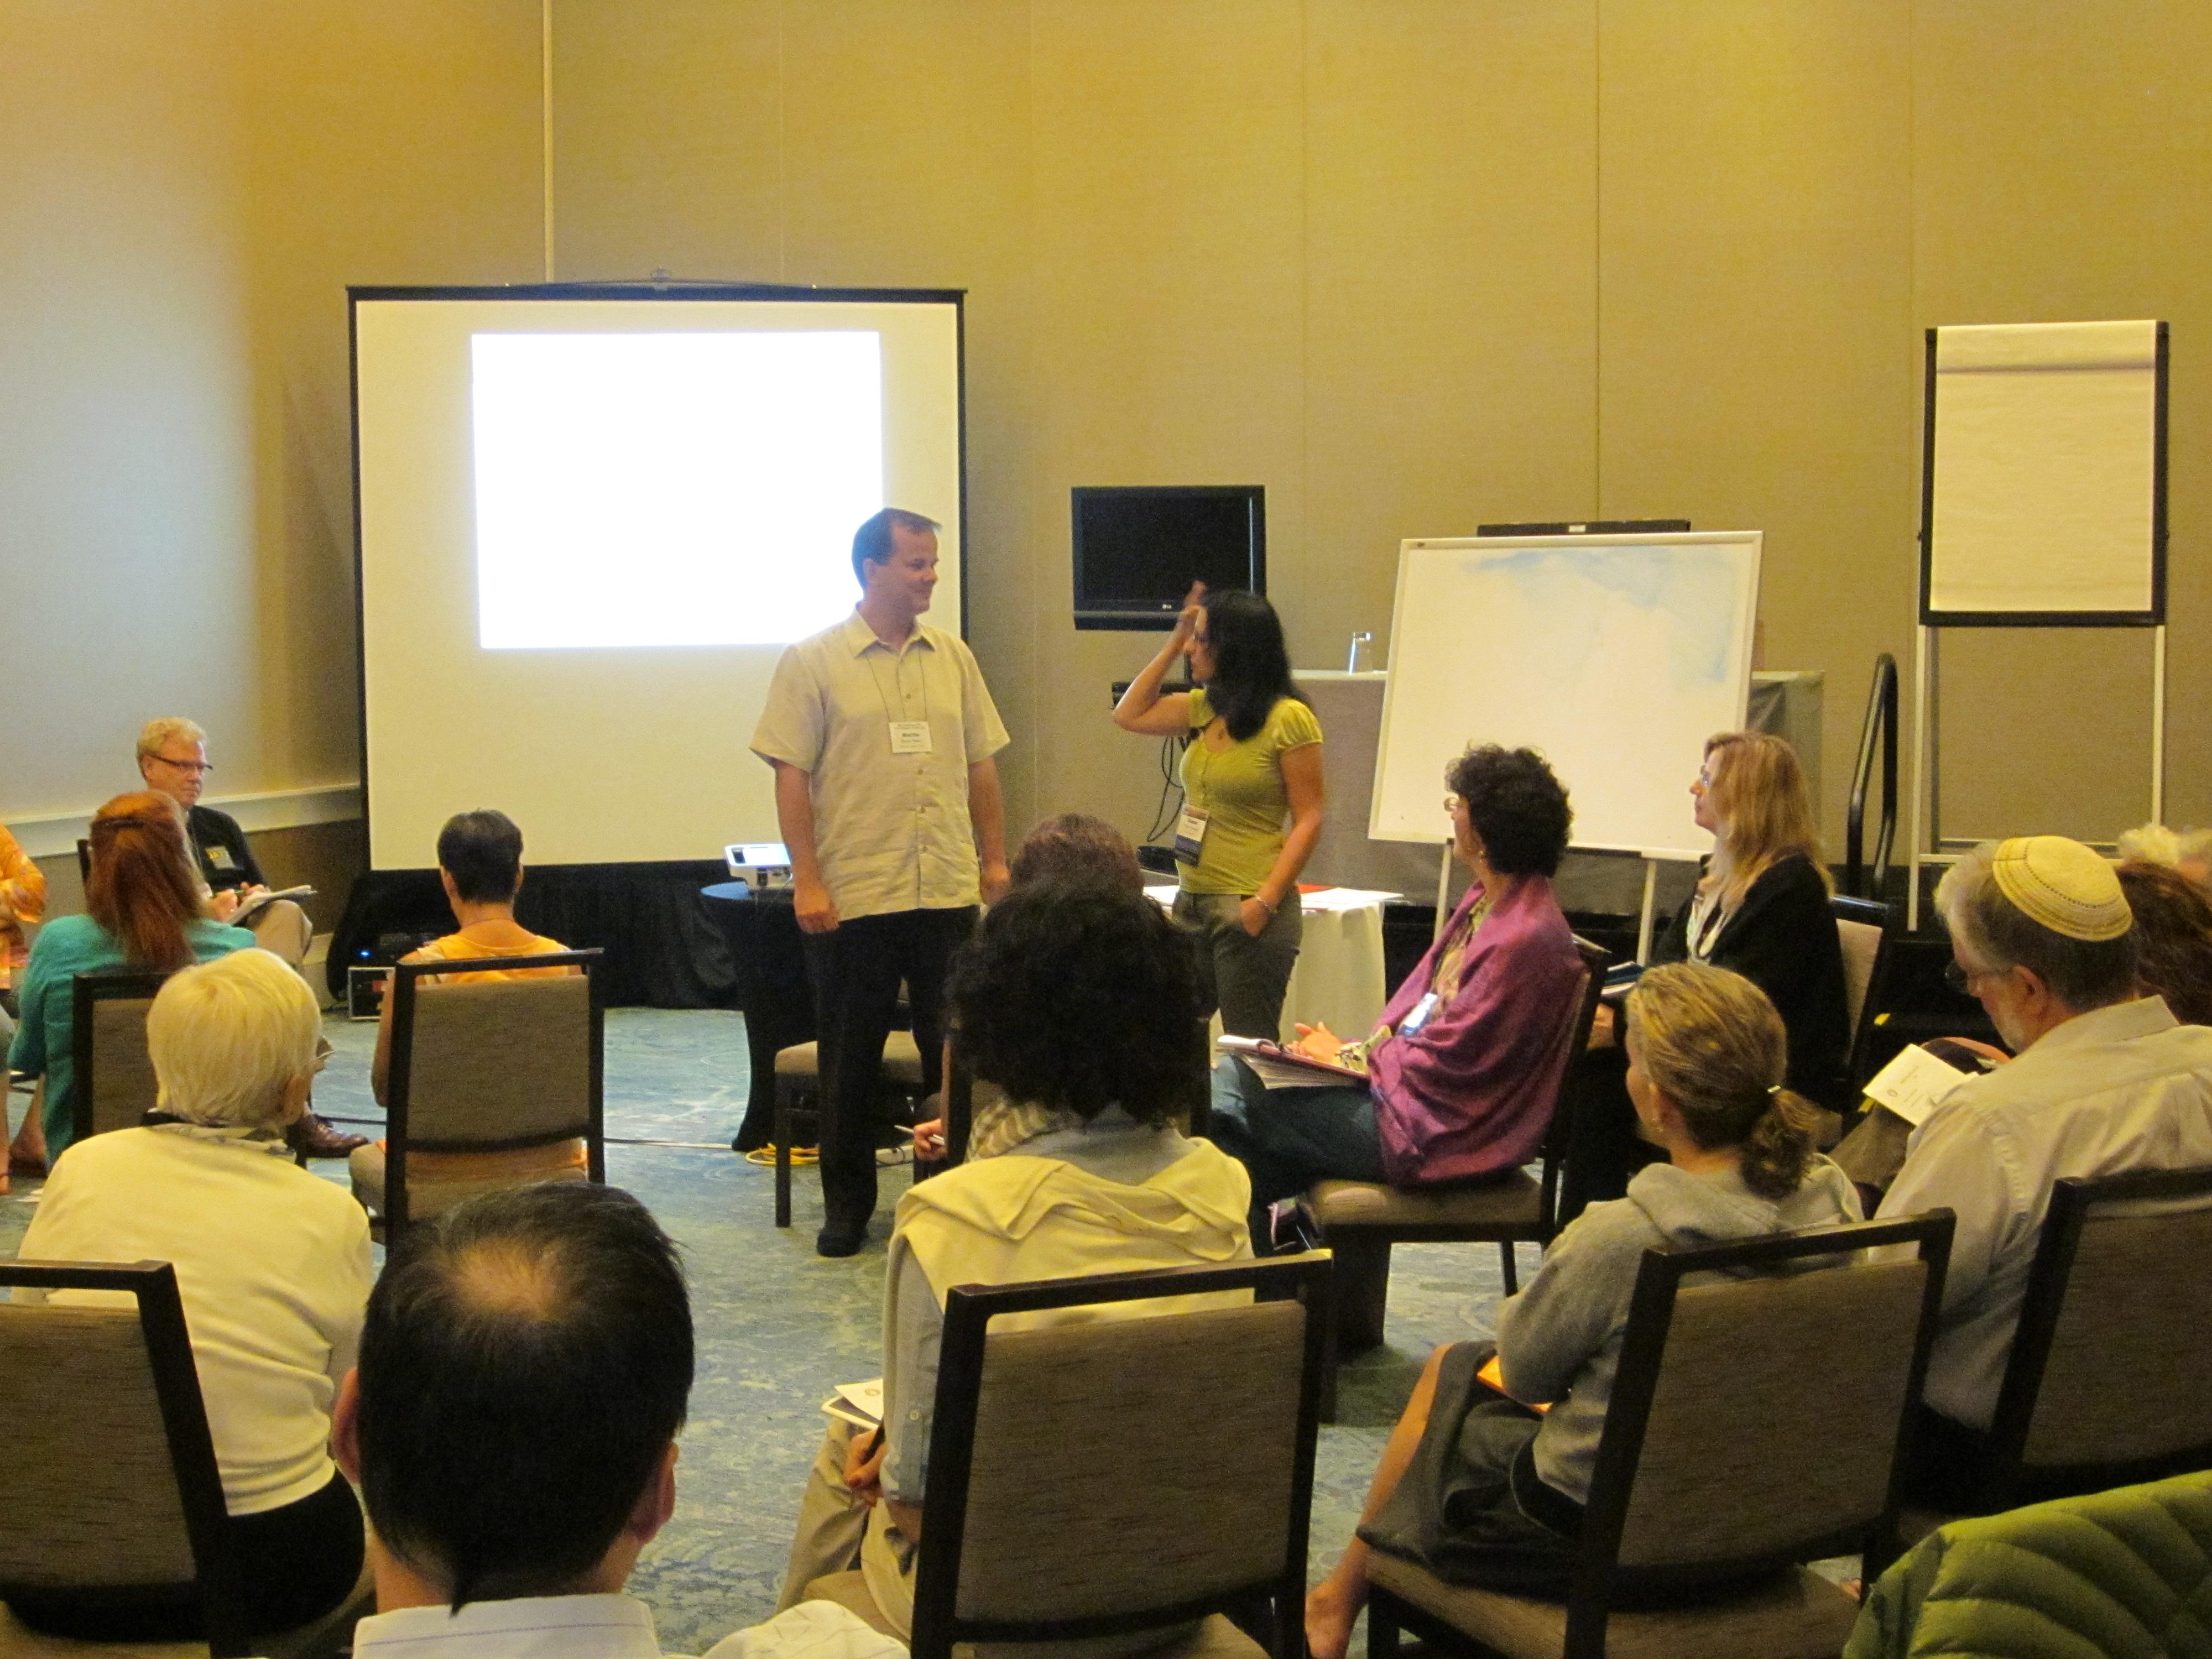 אסנת ידגר מציגה את השיטה בכנס האניאגרם העולמי